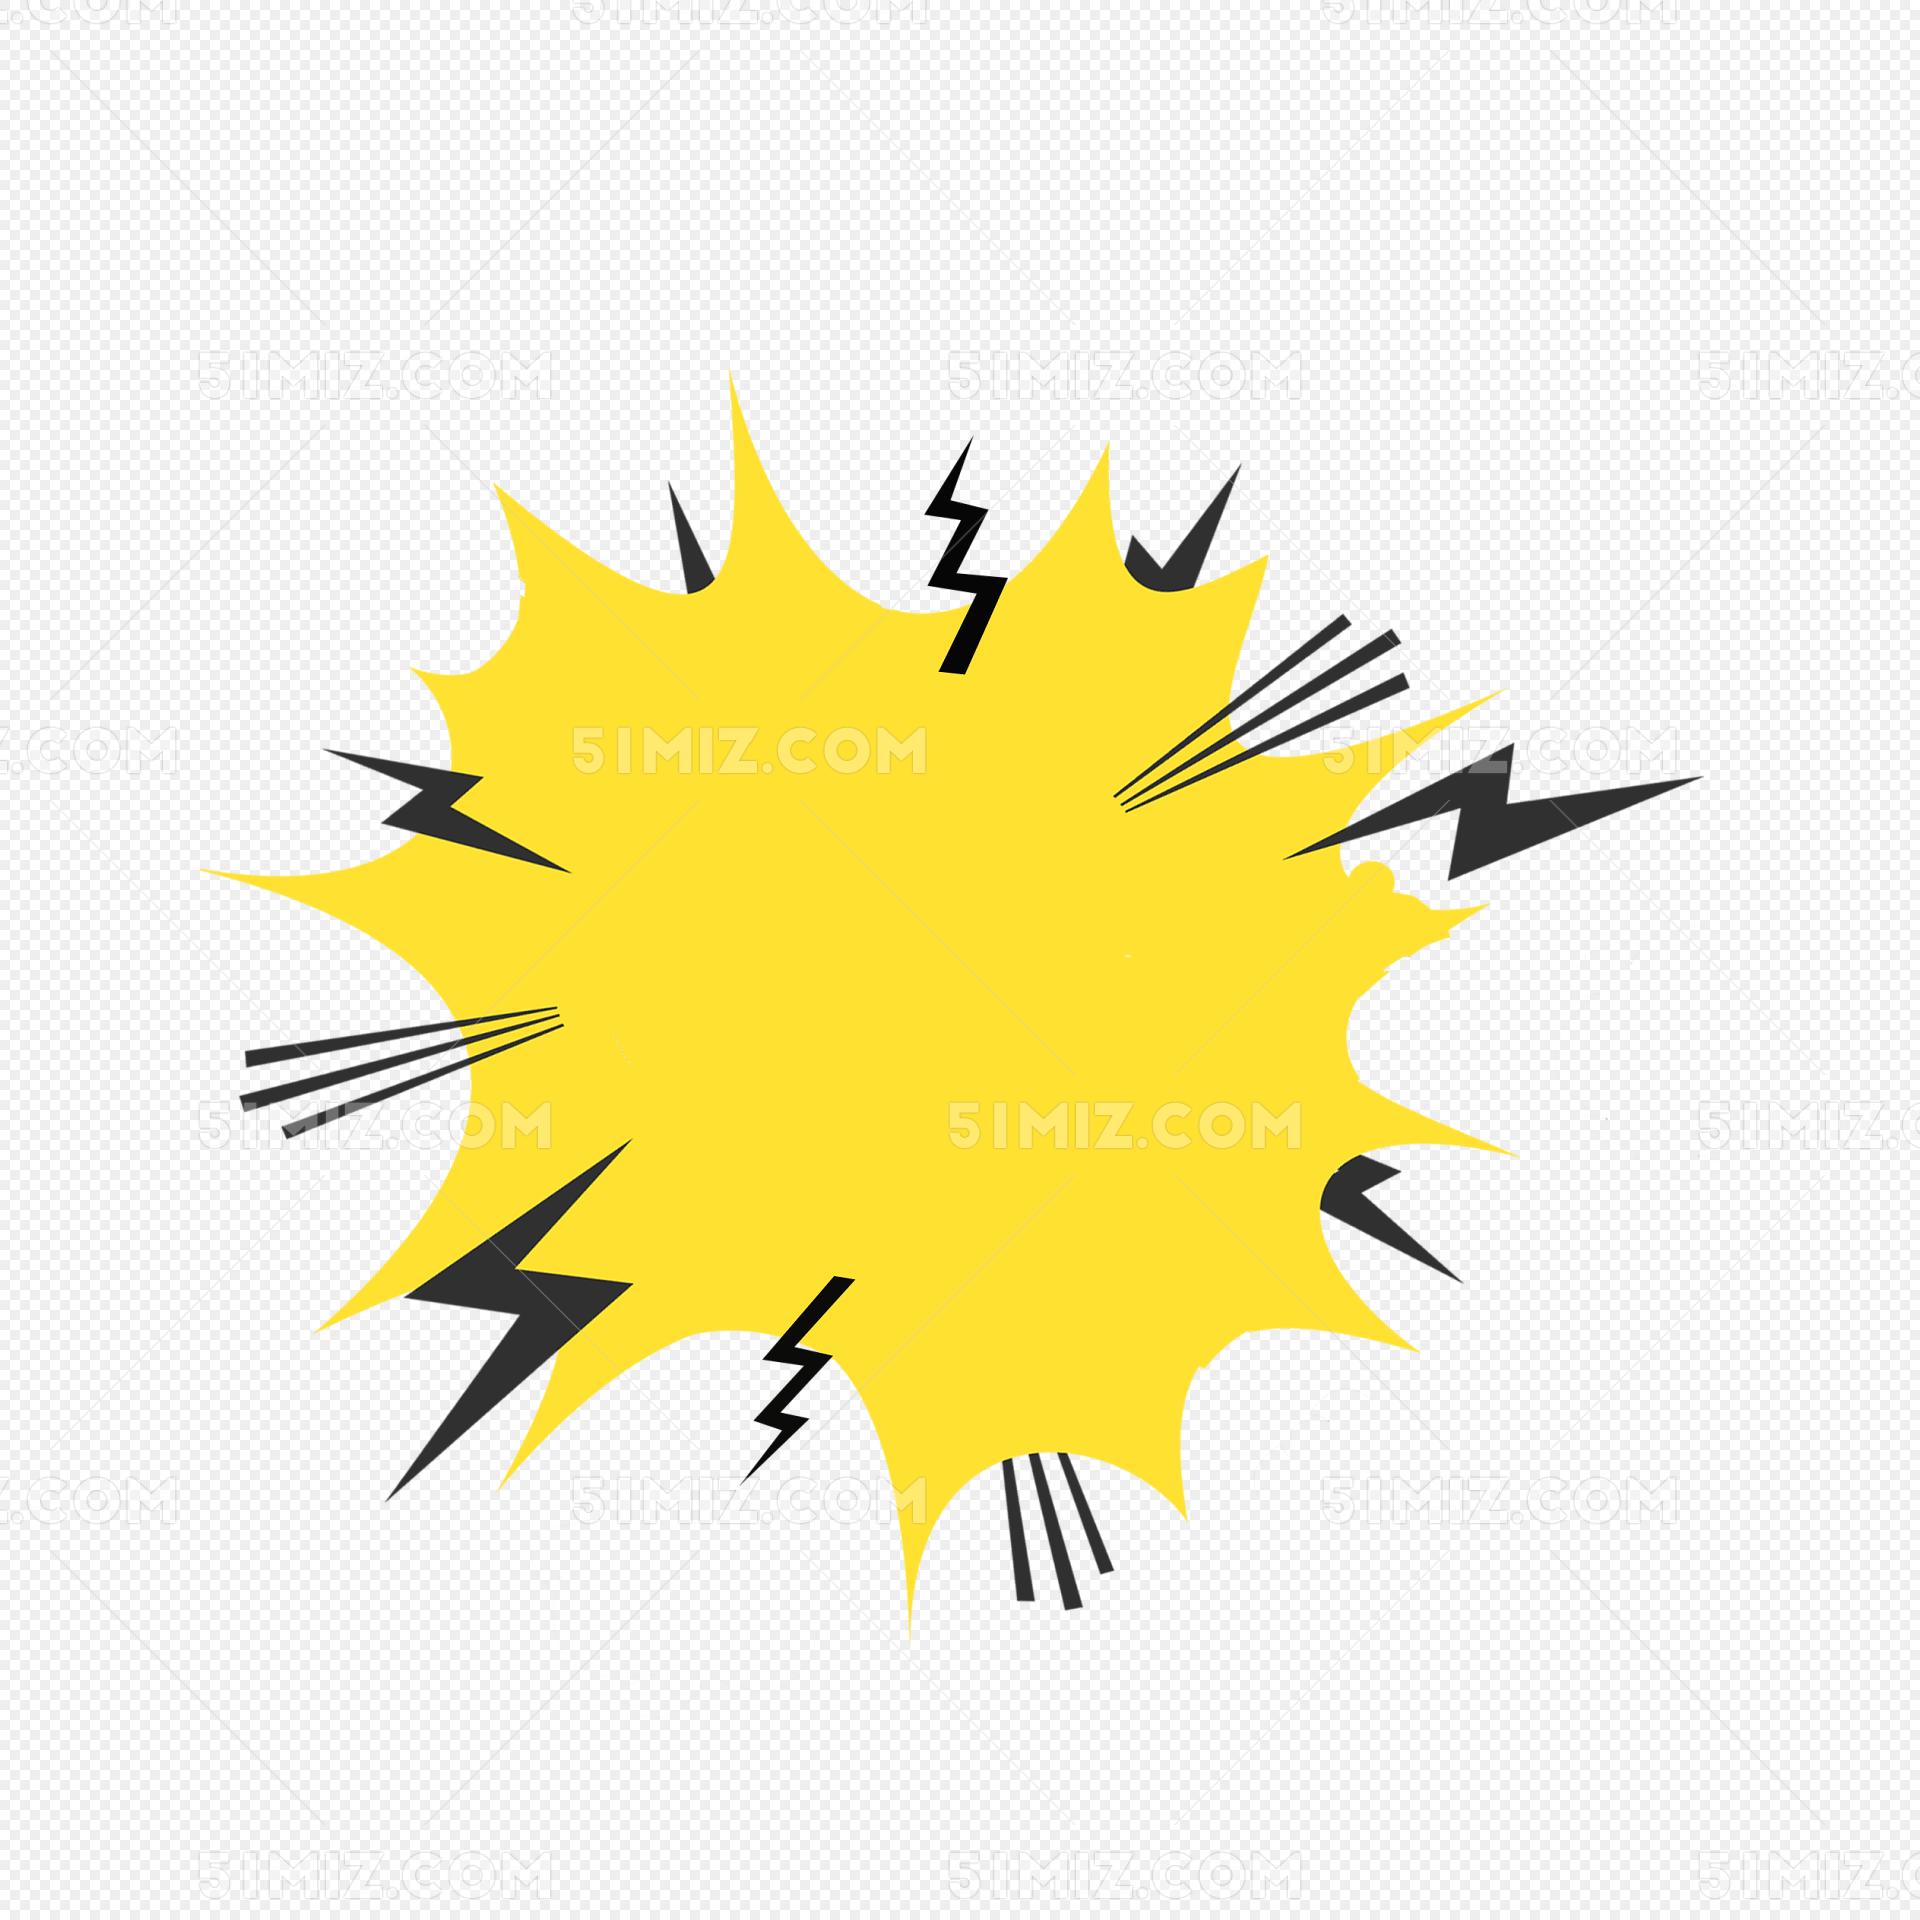 黄色创意卡通闪电对话框图片素材免费下载_觅知网